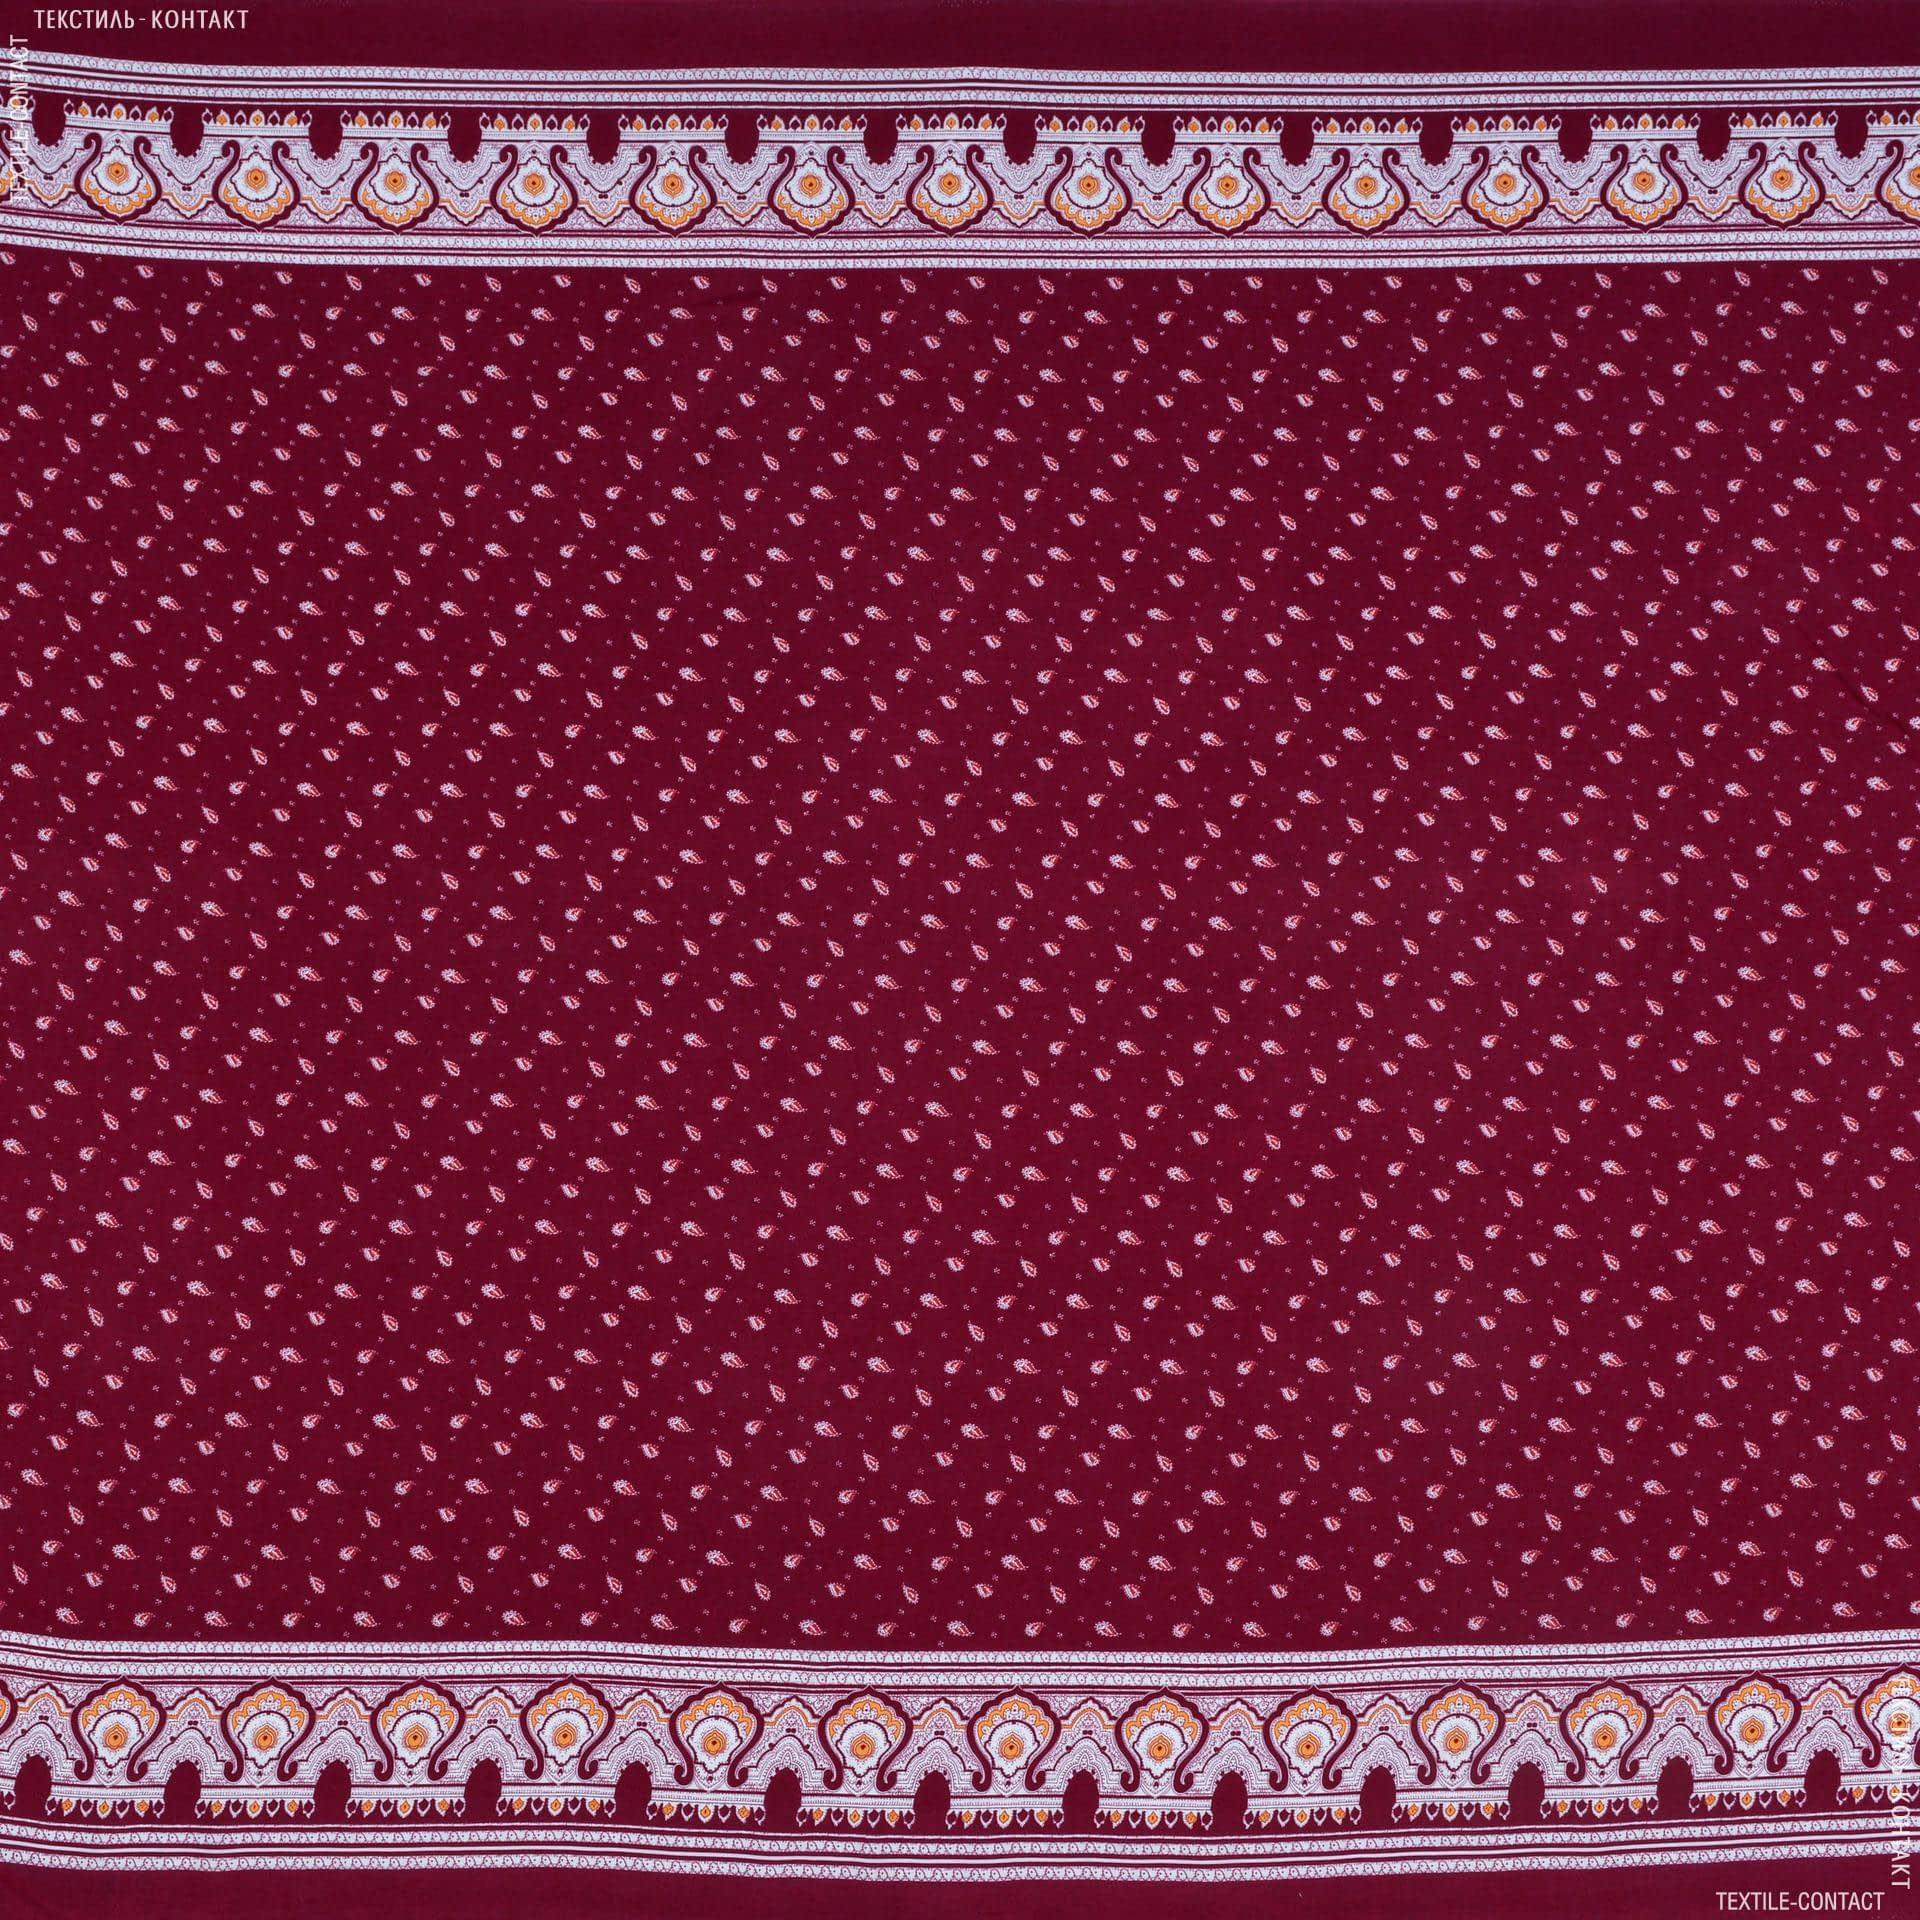 Тканини для дитячого одягу - Штапель фалма принт